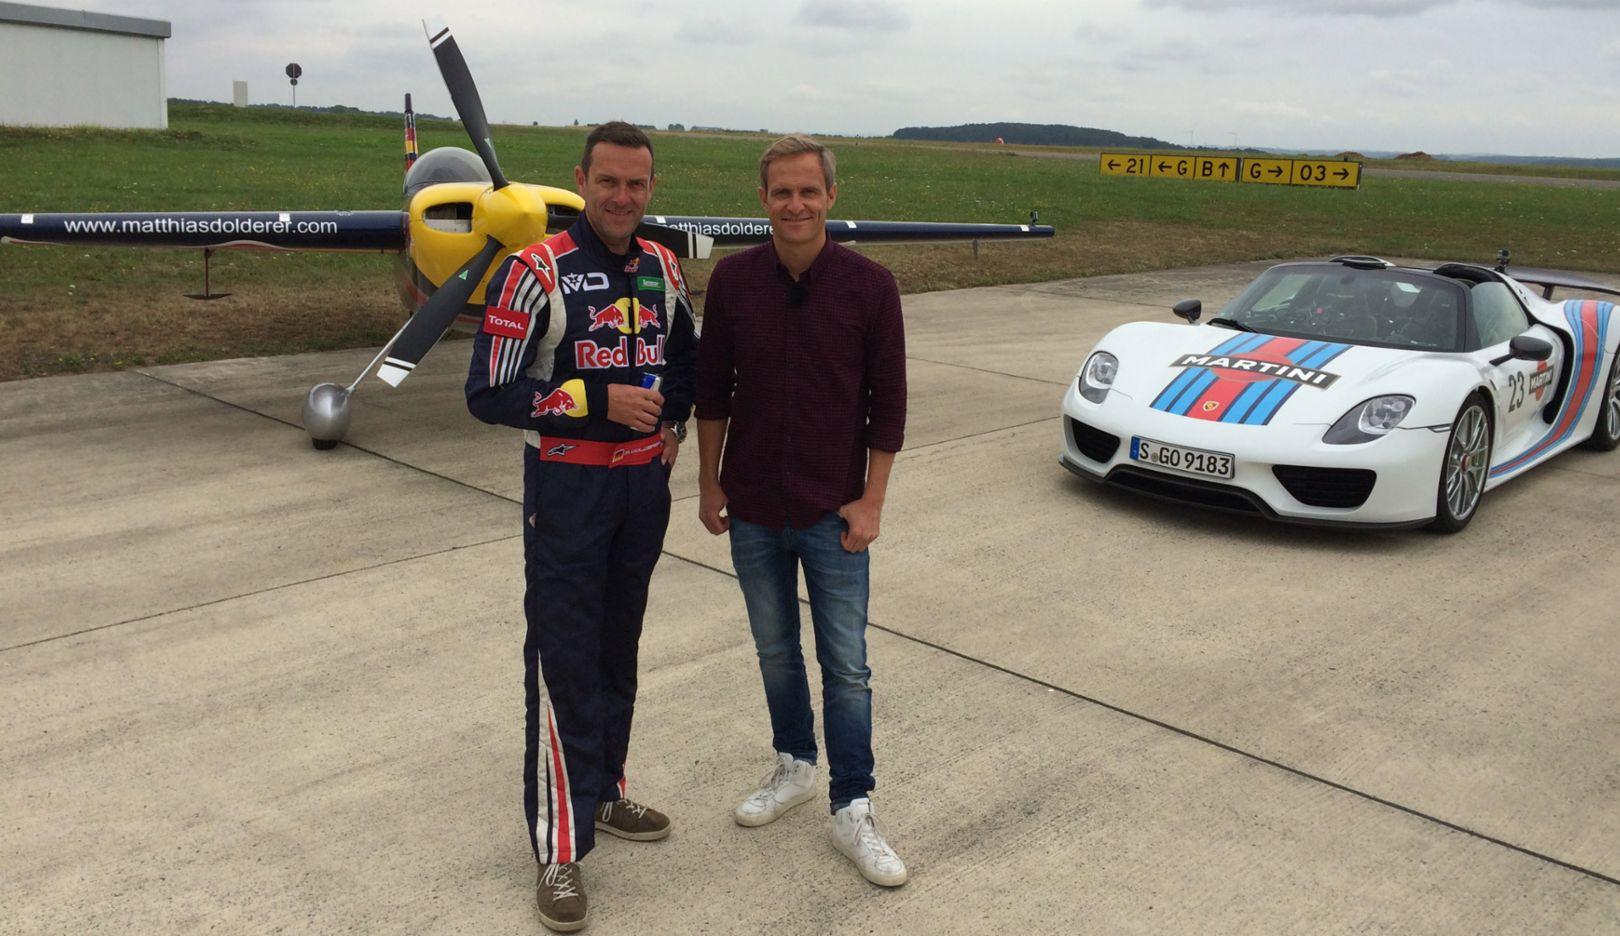 (l.-r.) Matthias Dolderer, air race pilot, Matthias Malmedie, GRIP test driver, 918 Spyder, racing aircraft Zivko Edge 540 V3, airport Zweibrücken, 2016, Porsche AG